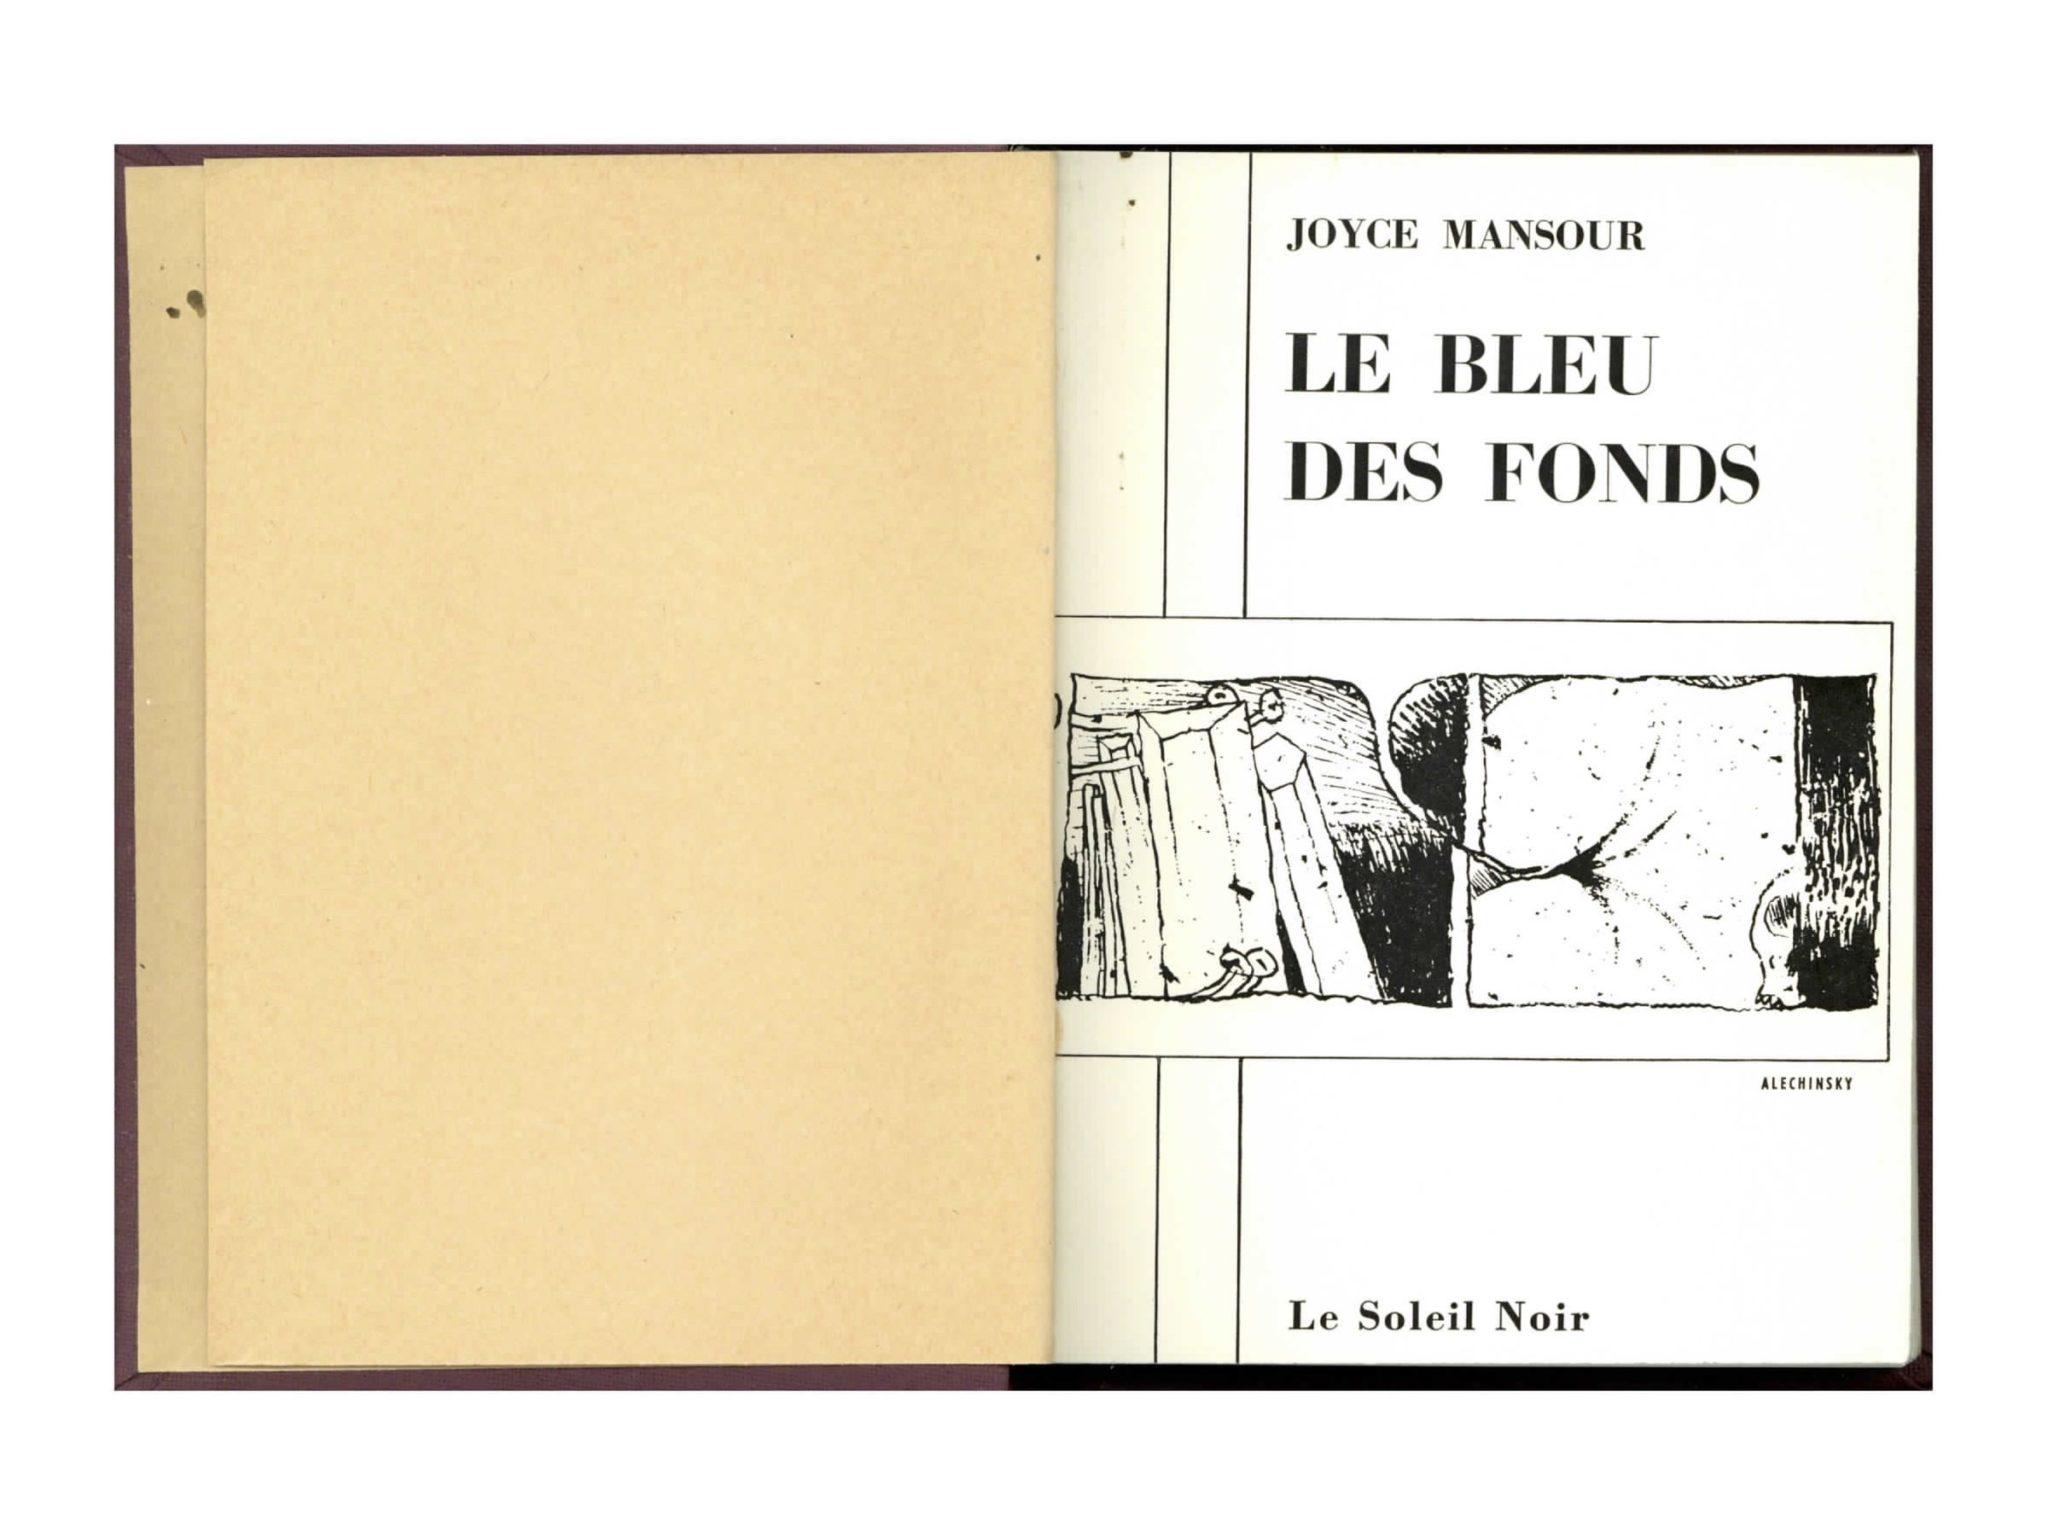 Carrousel-1-Mansour-Joyce-Le-Bleu-des-fonds